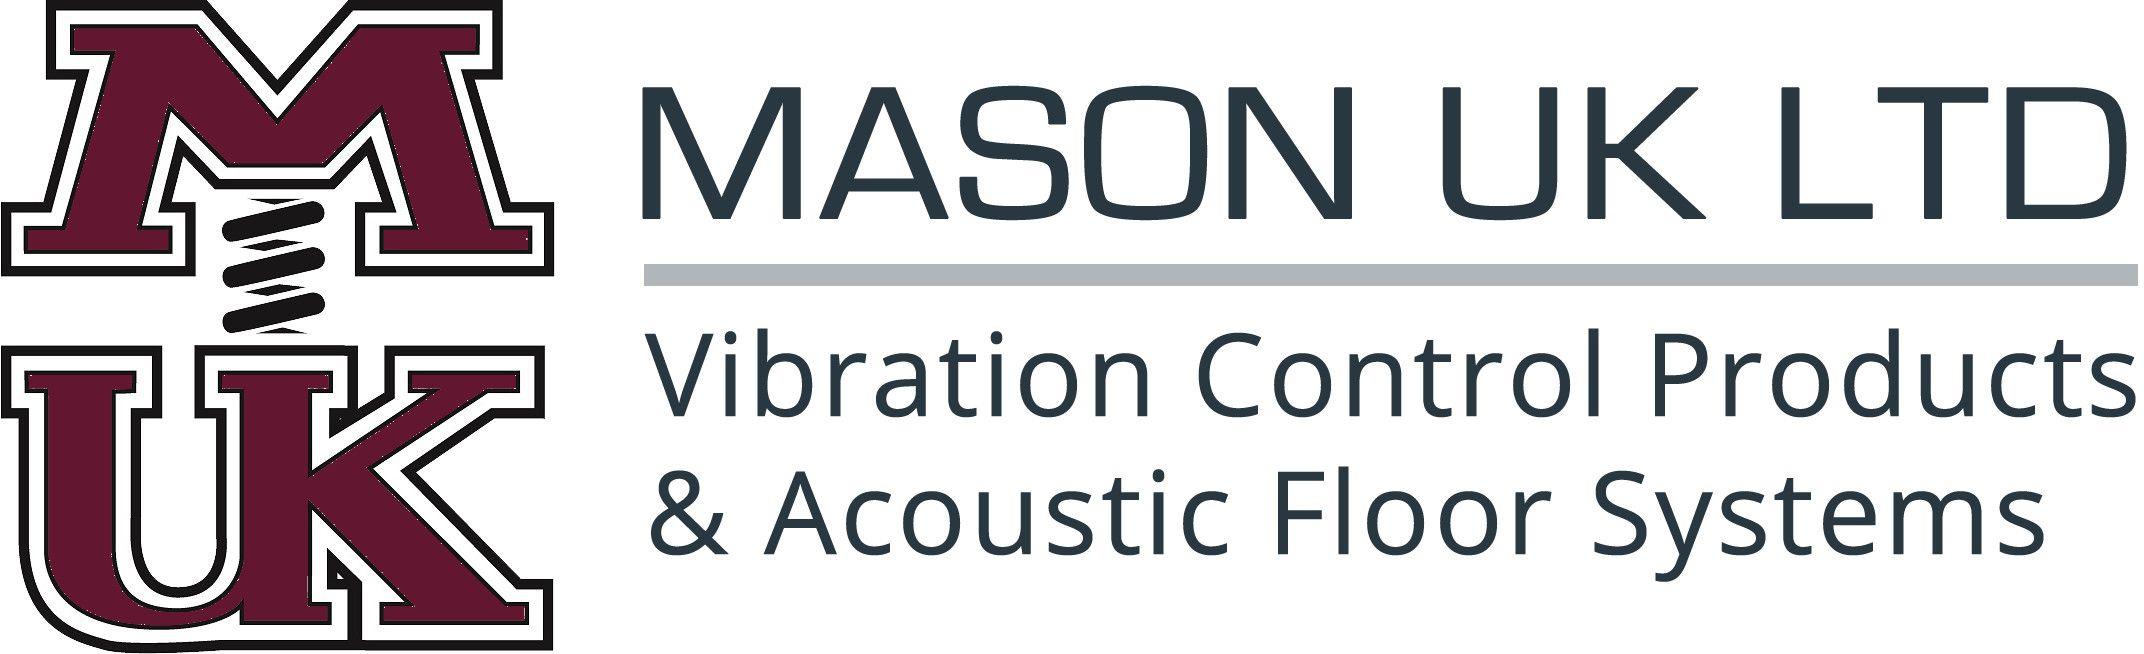 Mason U.K Ltd